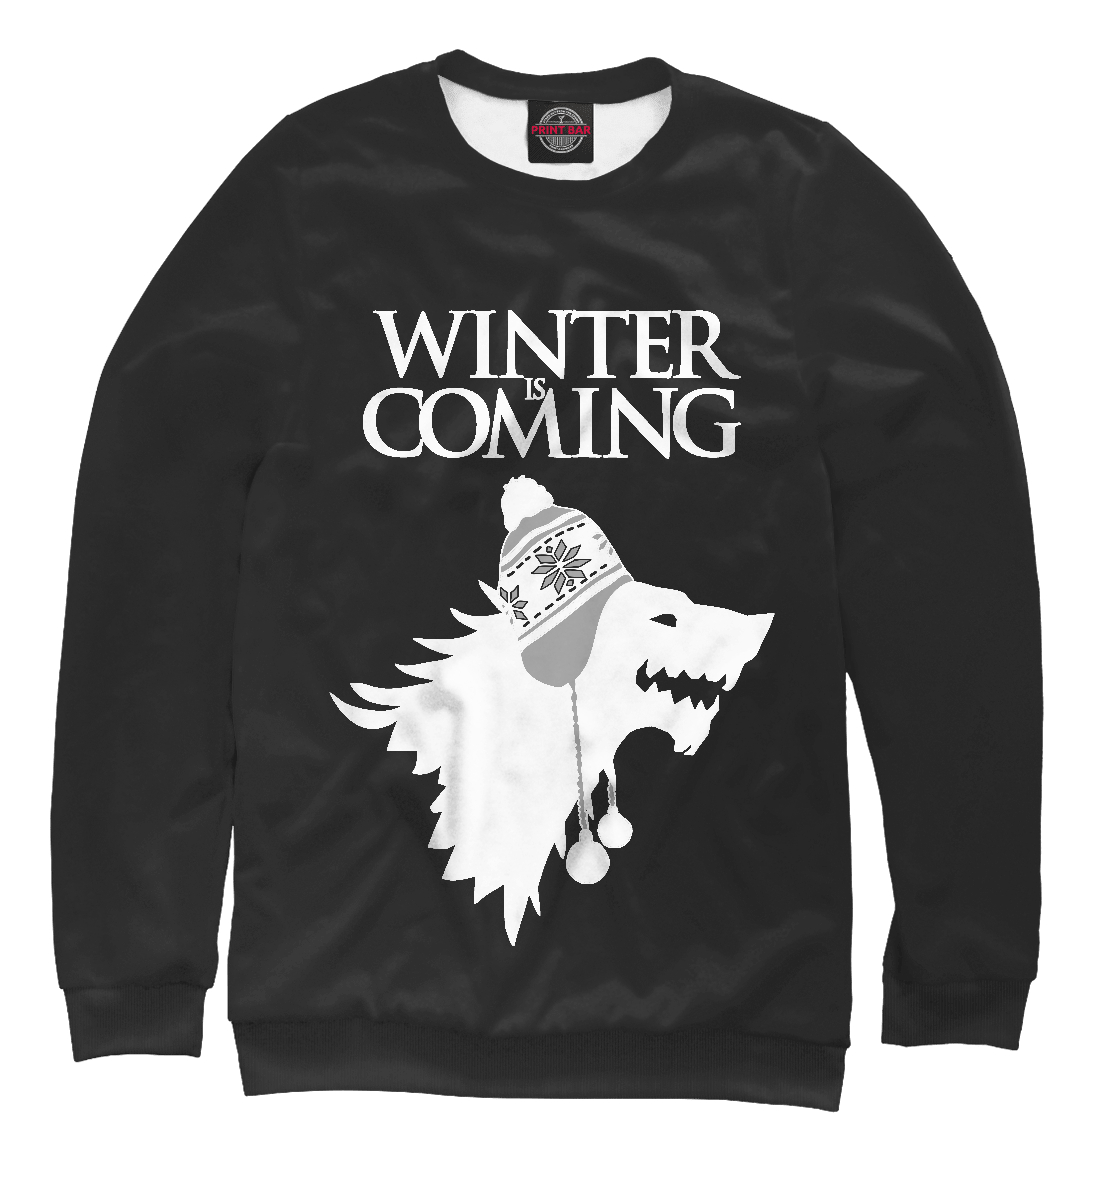 Купить Зима Близко, Printbar, Свитшоты, IGR-642710-swi-1